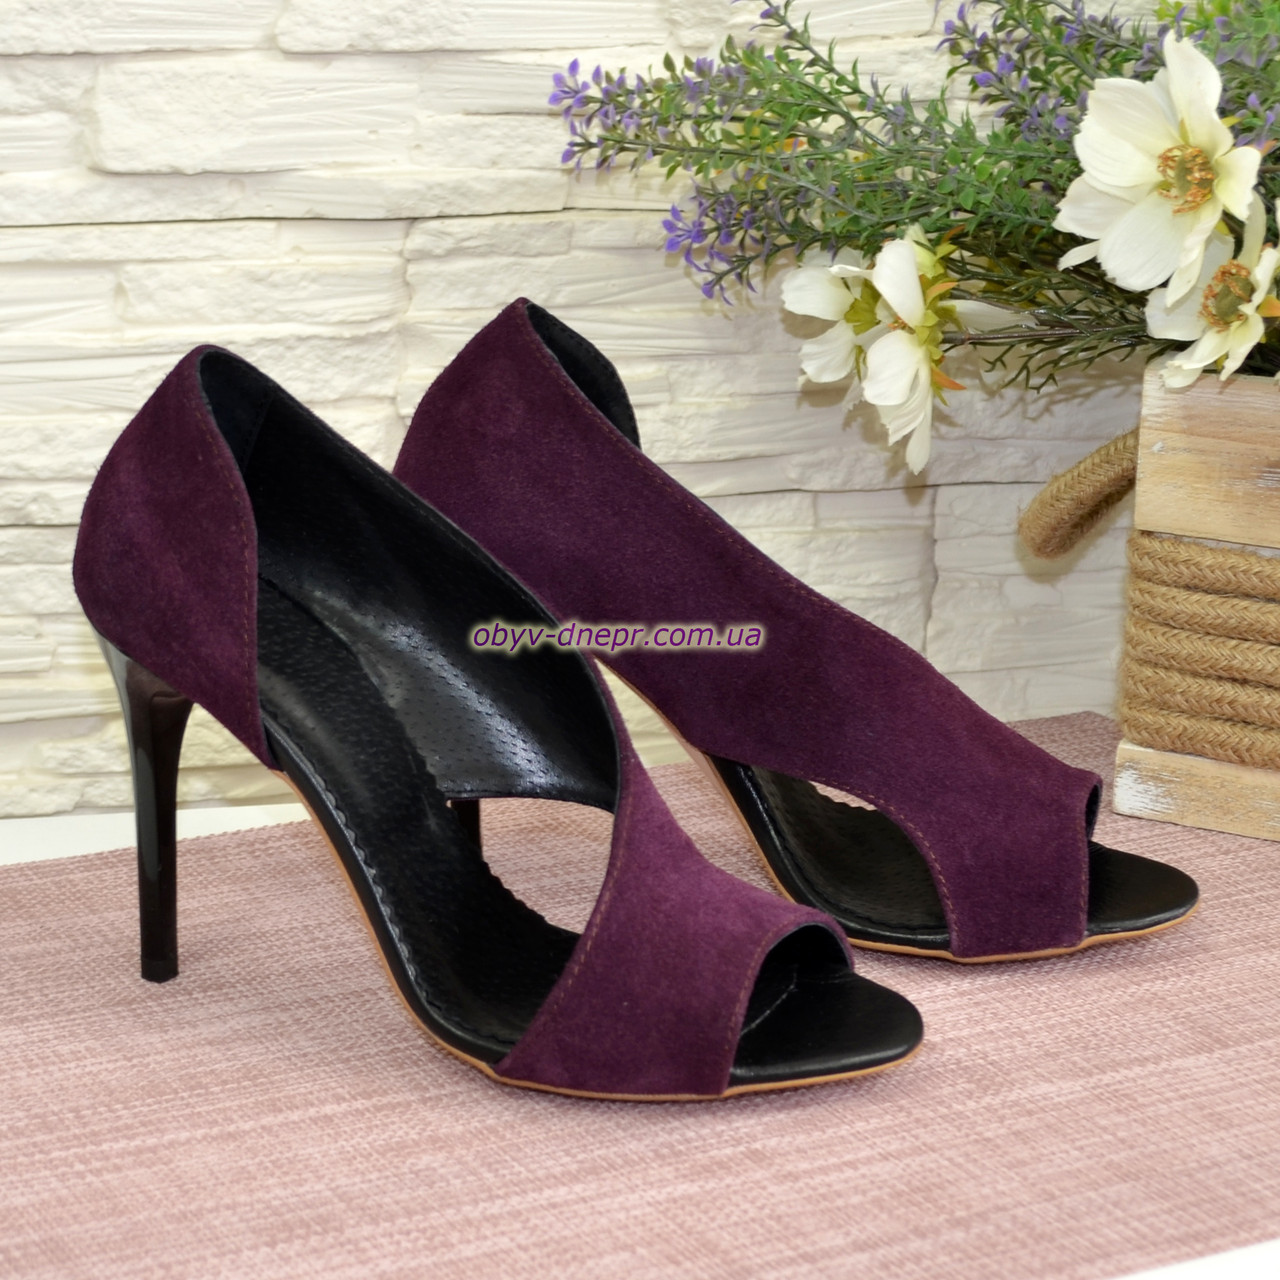 Босоножки женские замшевые на шпильке, цвет фиолетовый